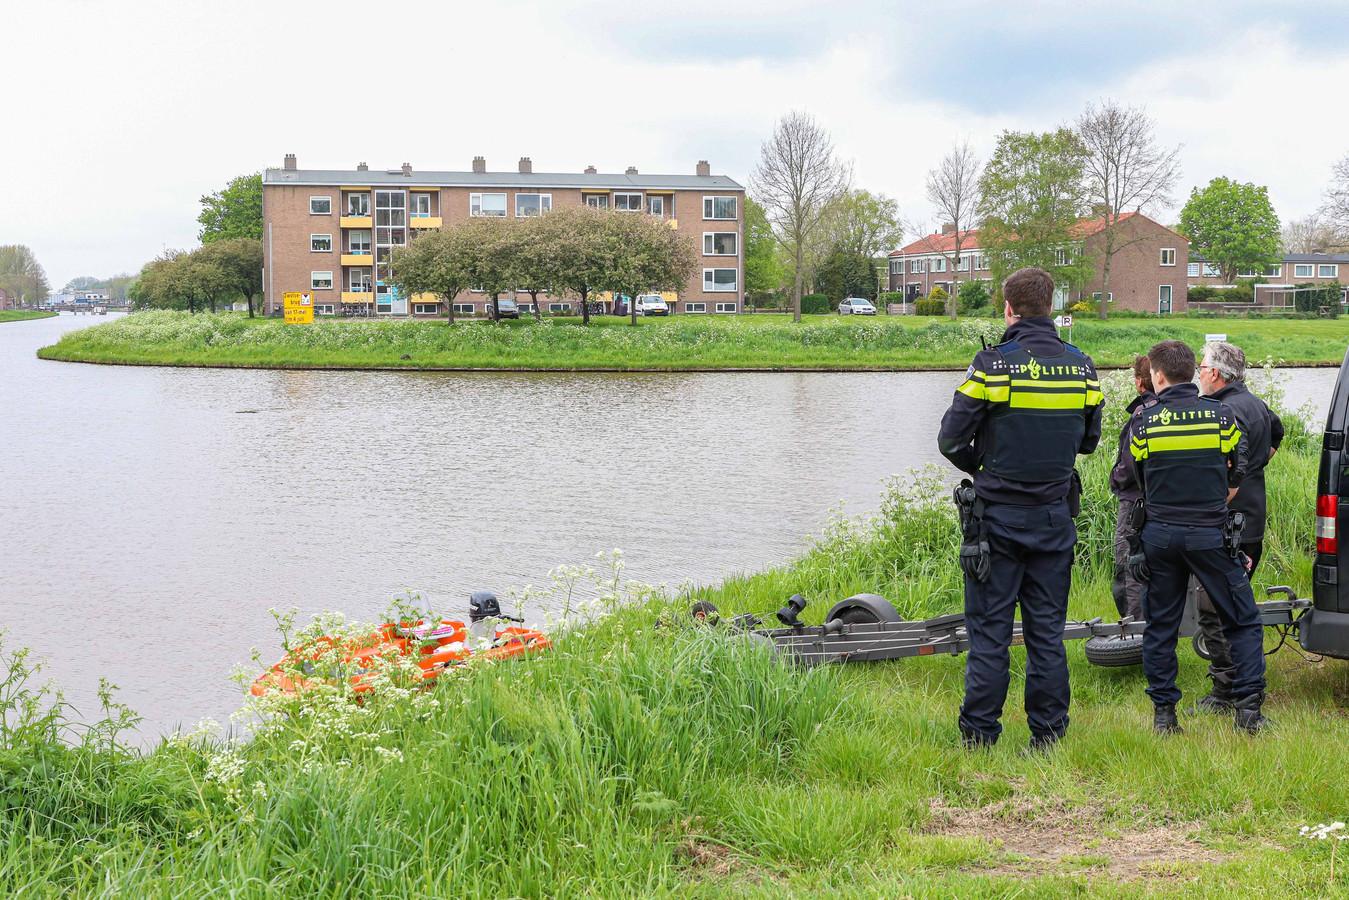 De politie doet onderzoek naar de ontbrekende lichaamsresten van een vermoorde hond.